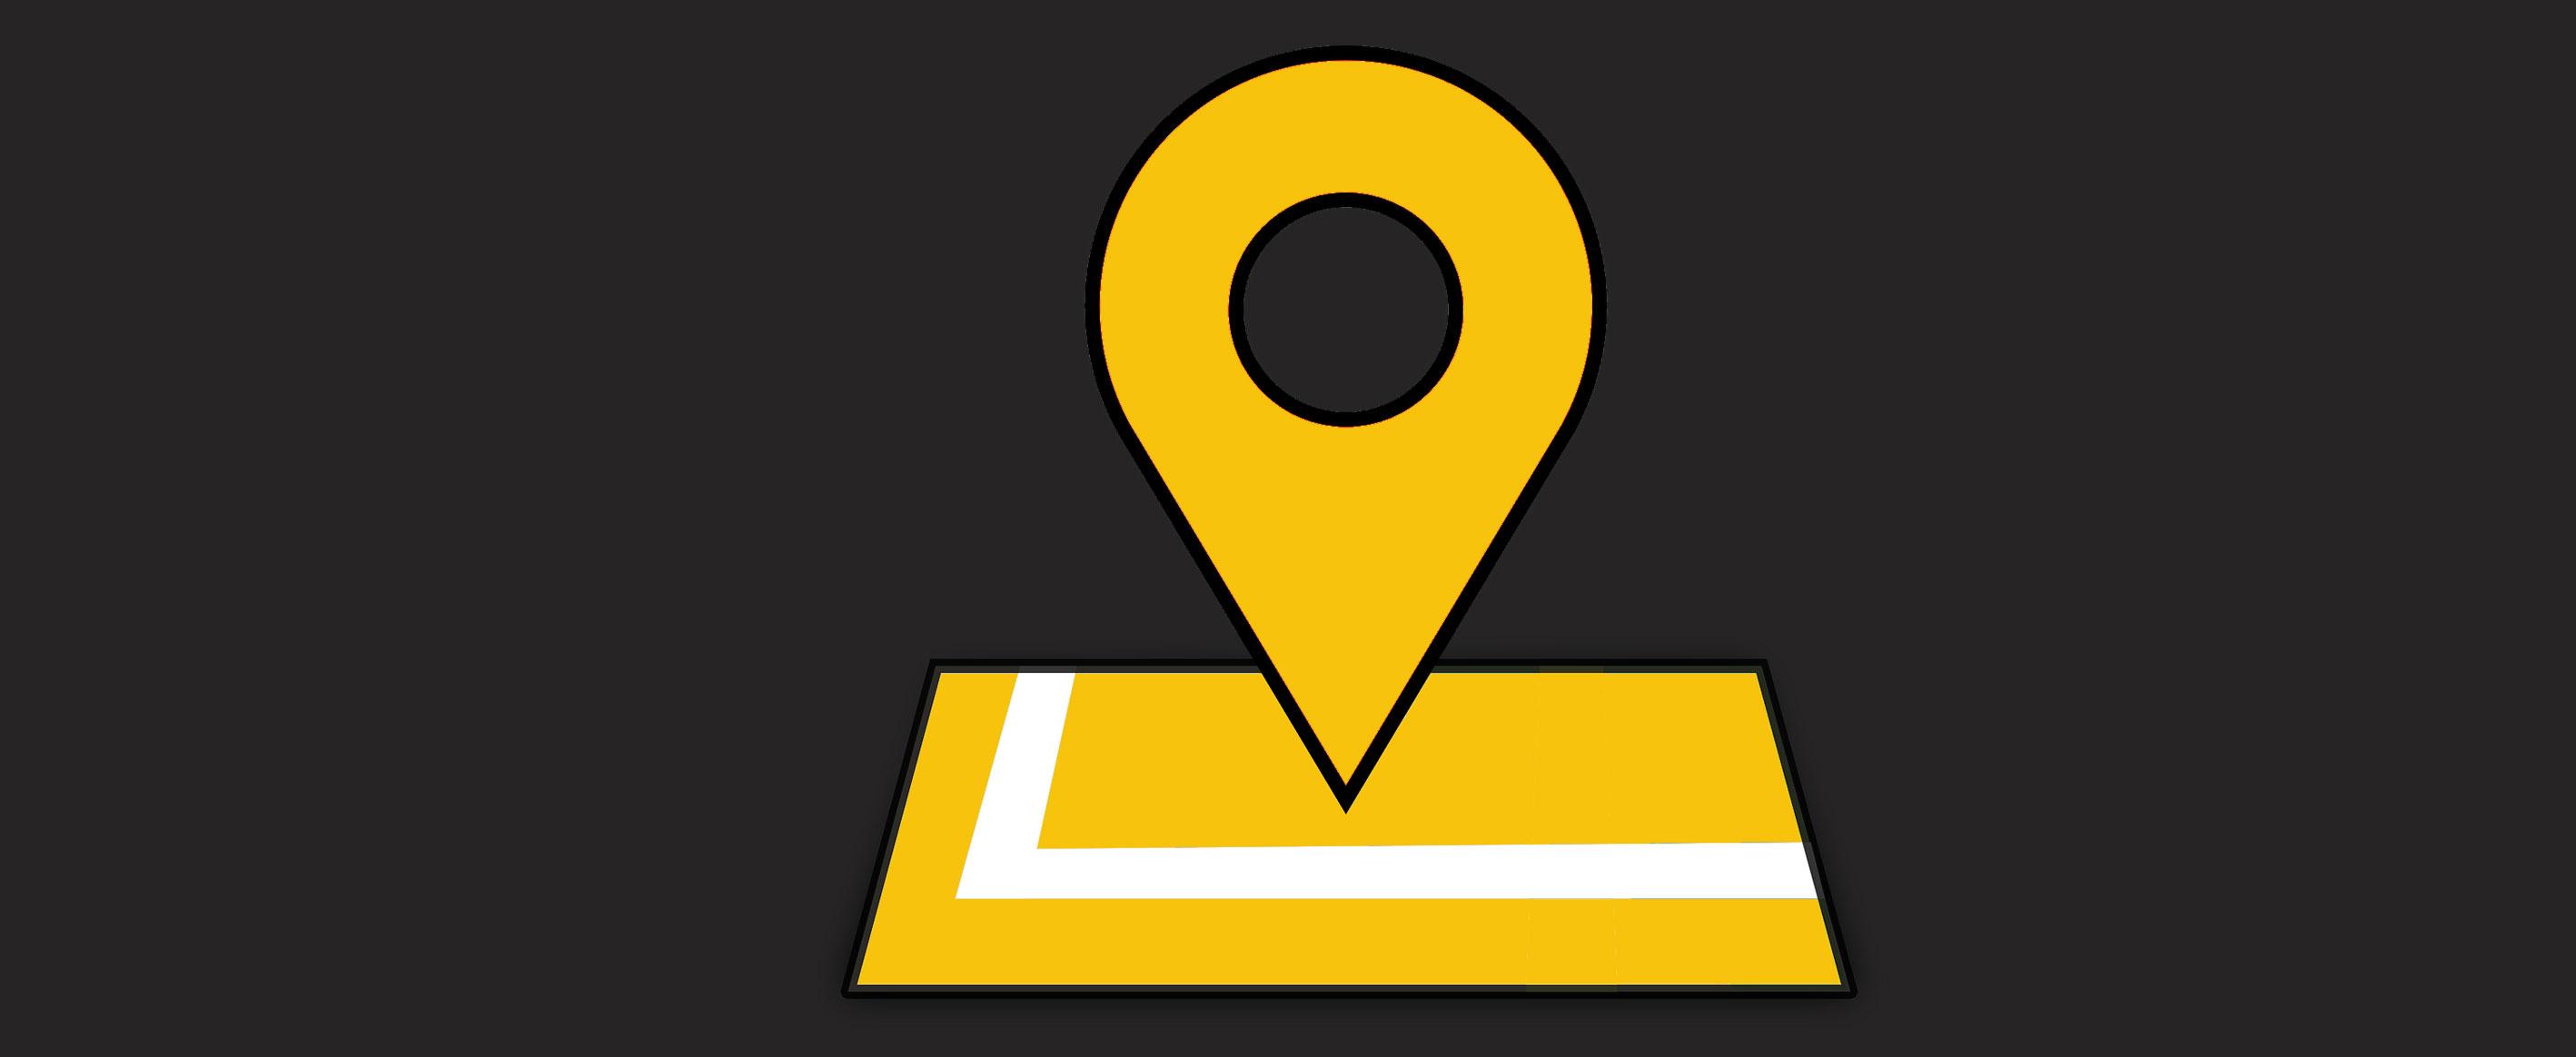 ¿Por qué no me funciona Google Maps en mi web?